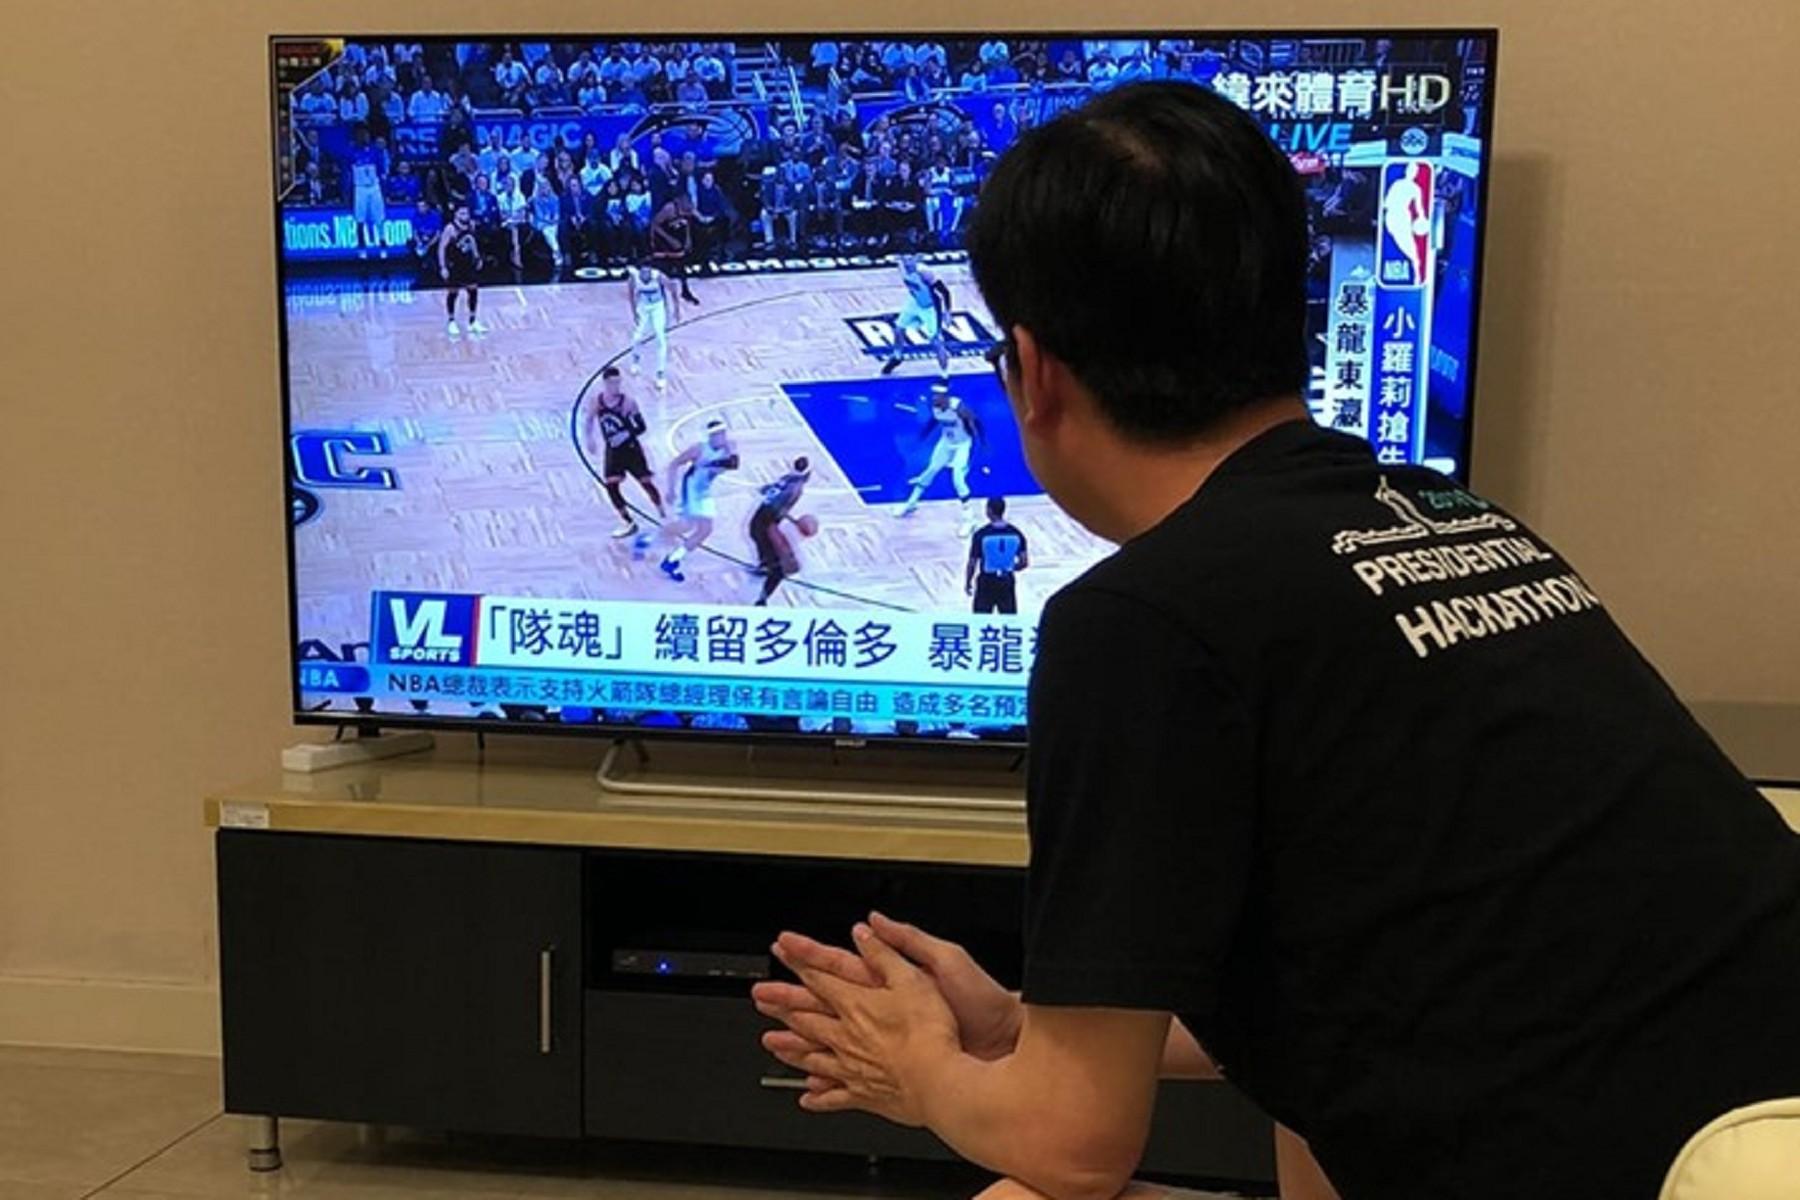 陳其邁。 圖/翻攝自陳其邁 粉專 大陸全面禁播NBA季前賽 陳其邁提3點挺聯盟